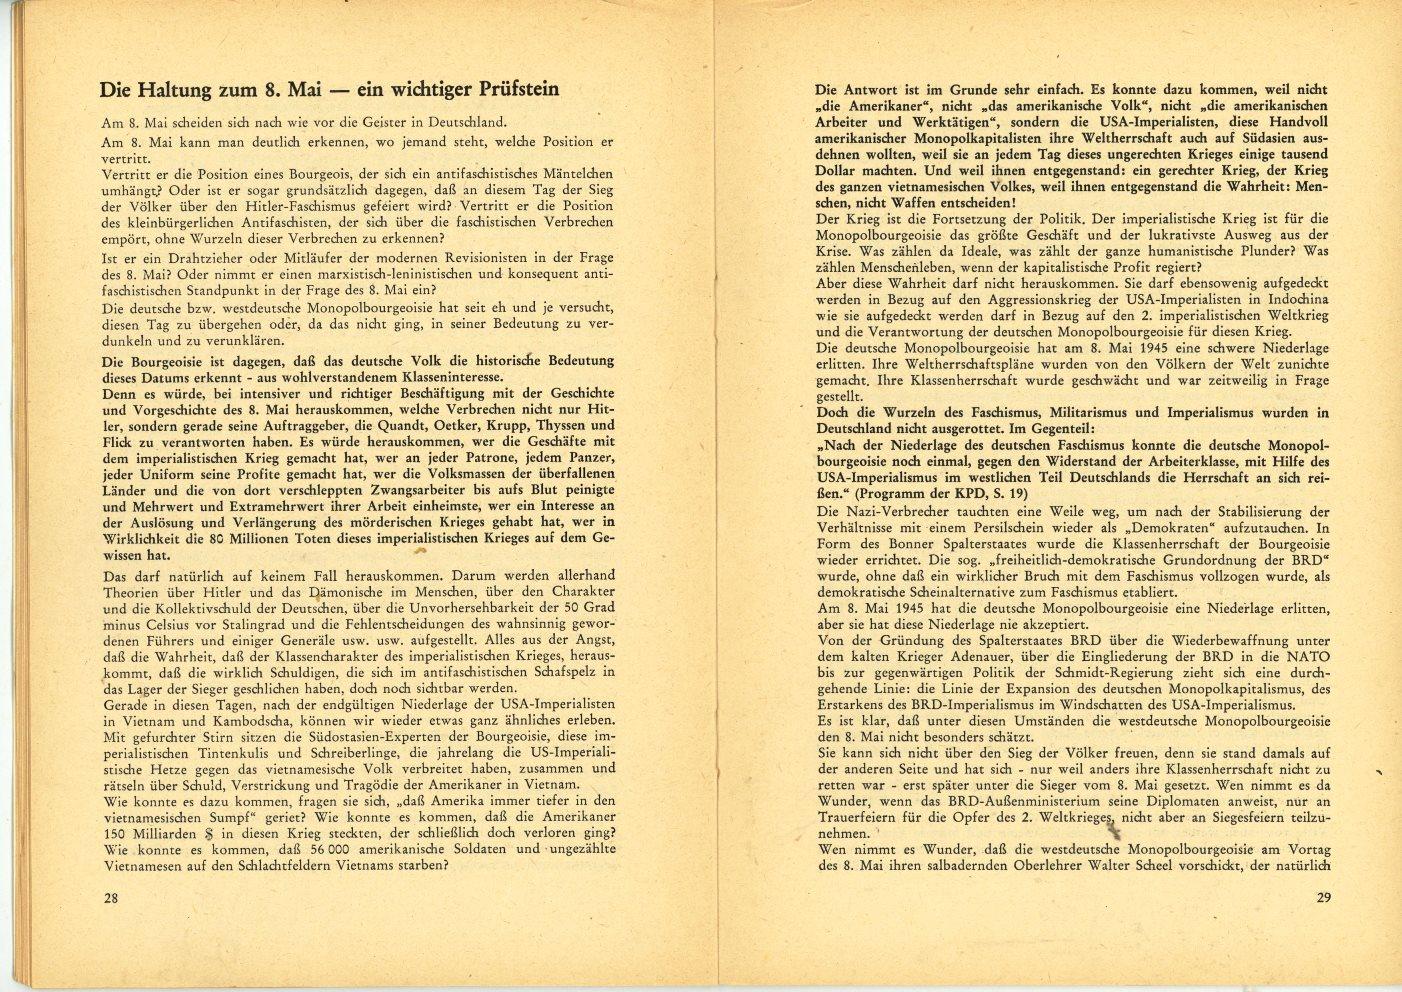 KPDAO_1975_30_Jahrestag_der_Befreiung_vom_Faschismus_16